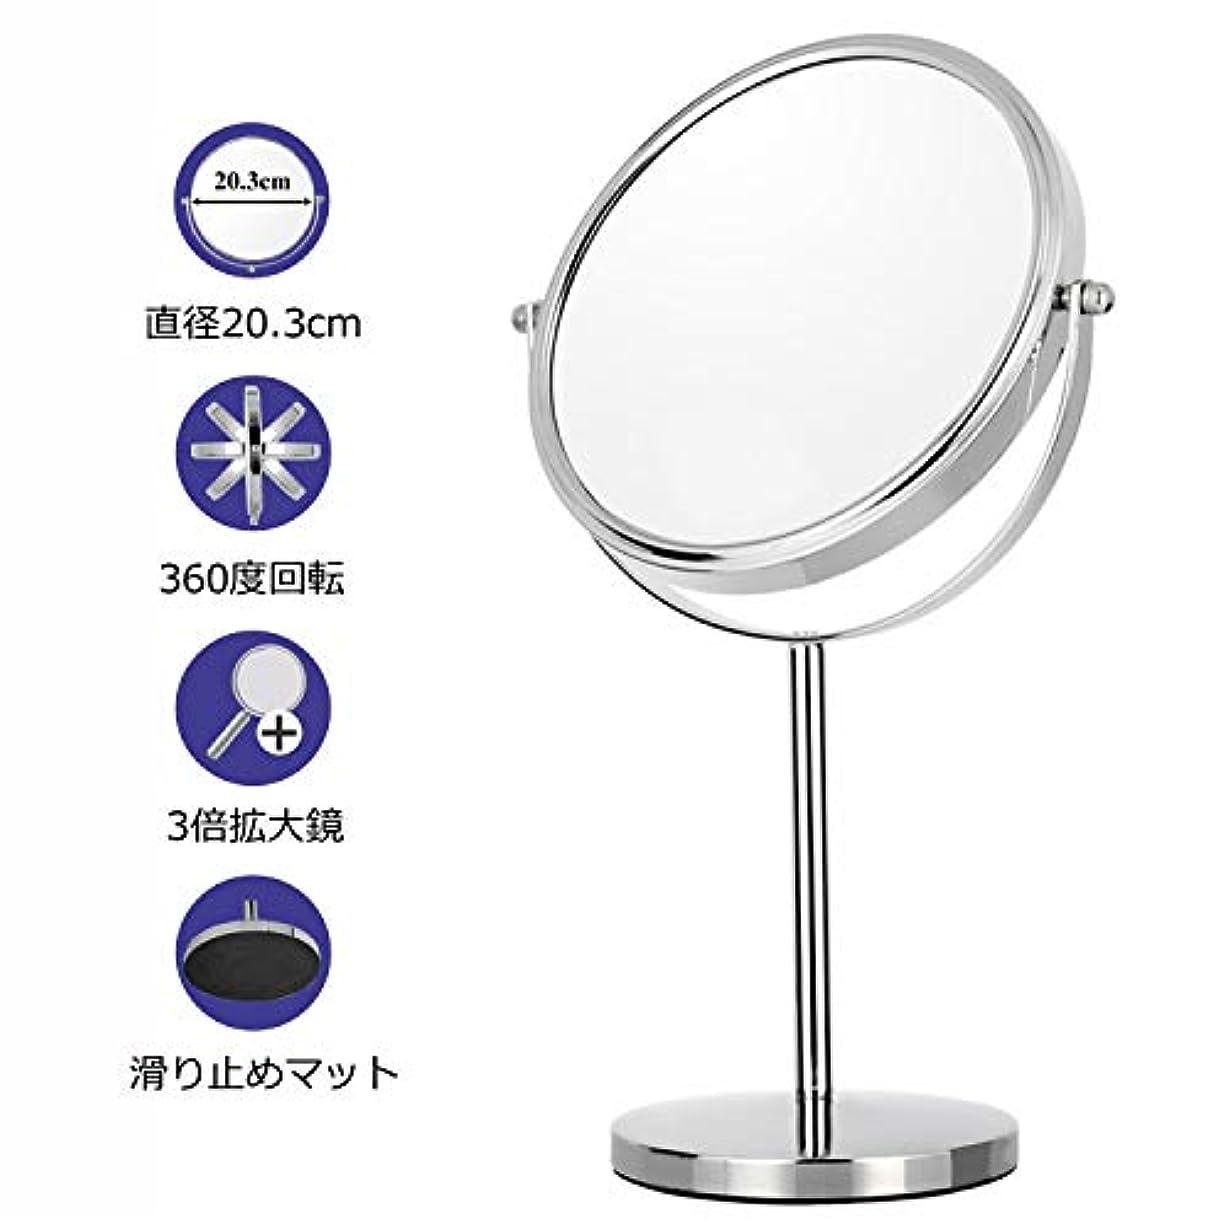 橋気味の悪い政策鏡 卓上 拡大鏡付き 3倍卓上鏡 真実の両面鏡 浴室鏡 ミラー 360度回転 スタンドミラー クロム 鏡 (鏡面23.2cm)